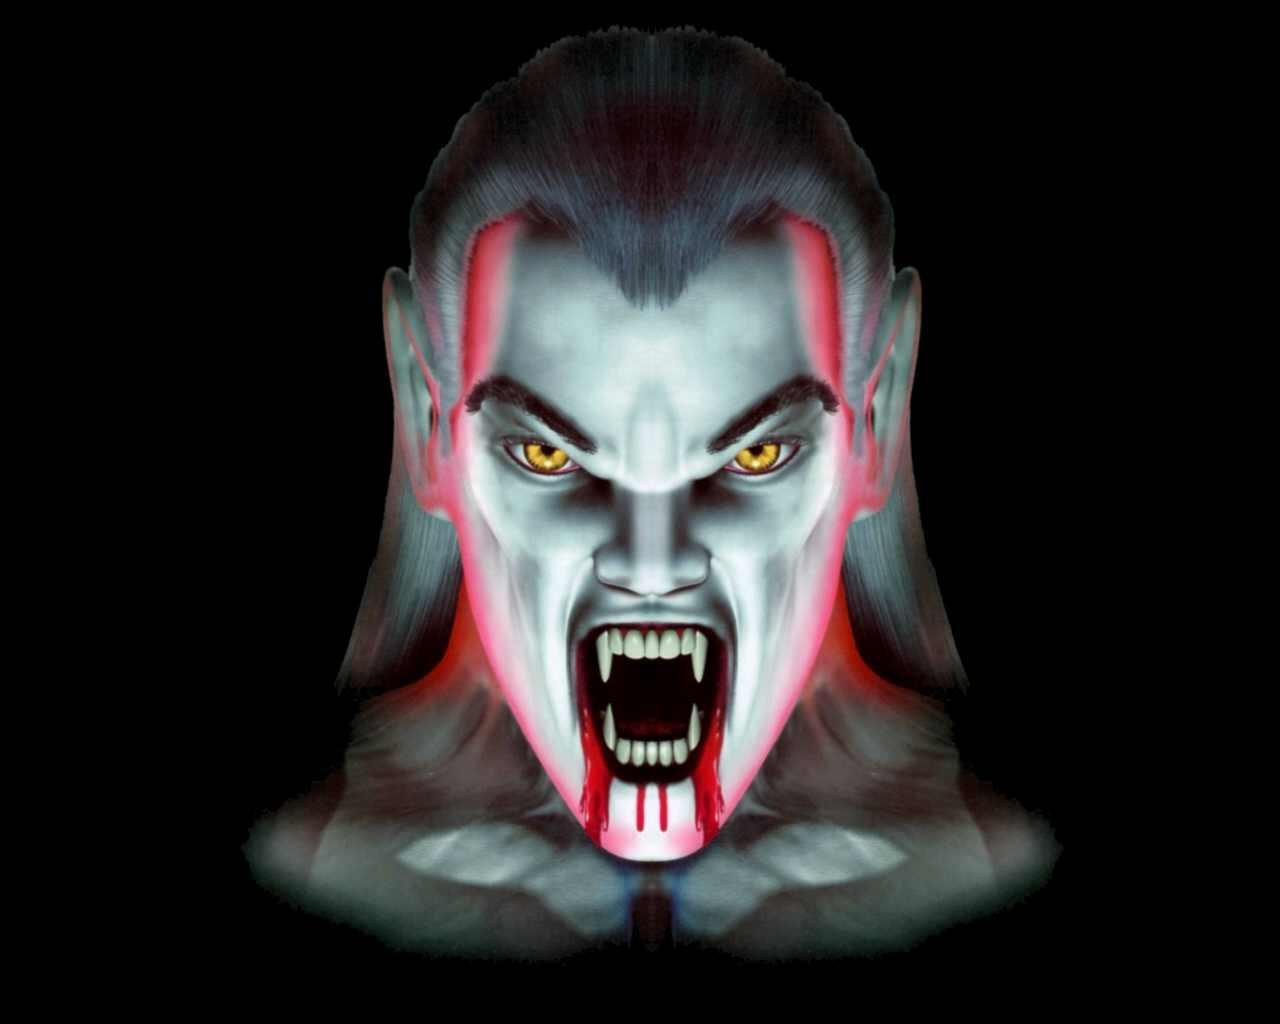 Les vampires 24uk42mj